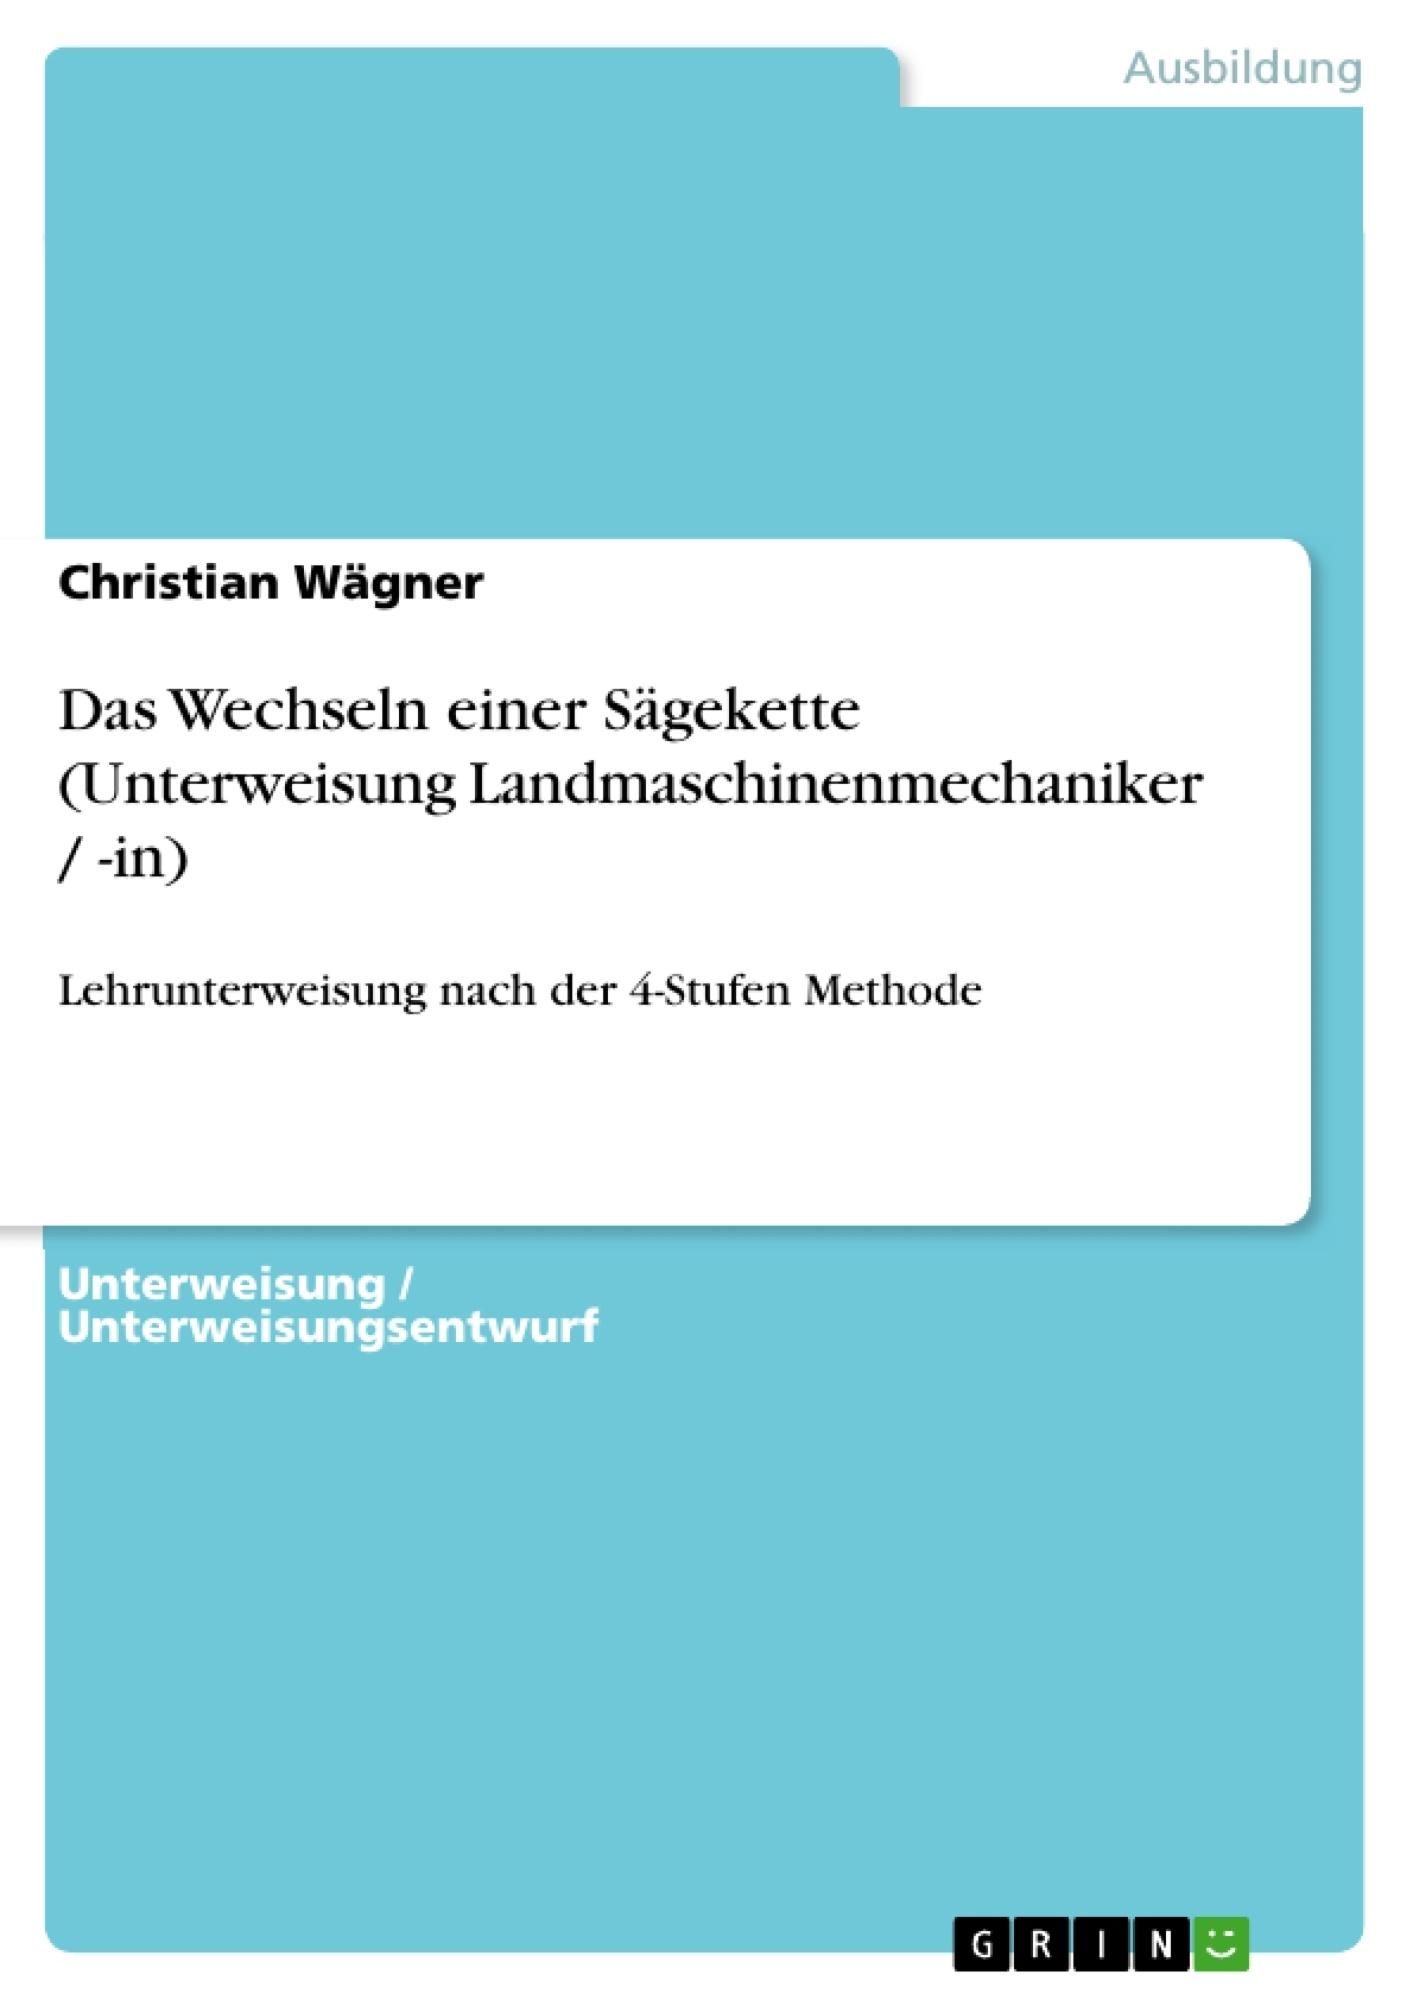 Titel: Das Wechseln einer Sägekette (Unterweisung Landmaschinenmechaniker / -in)